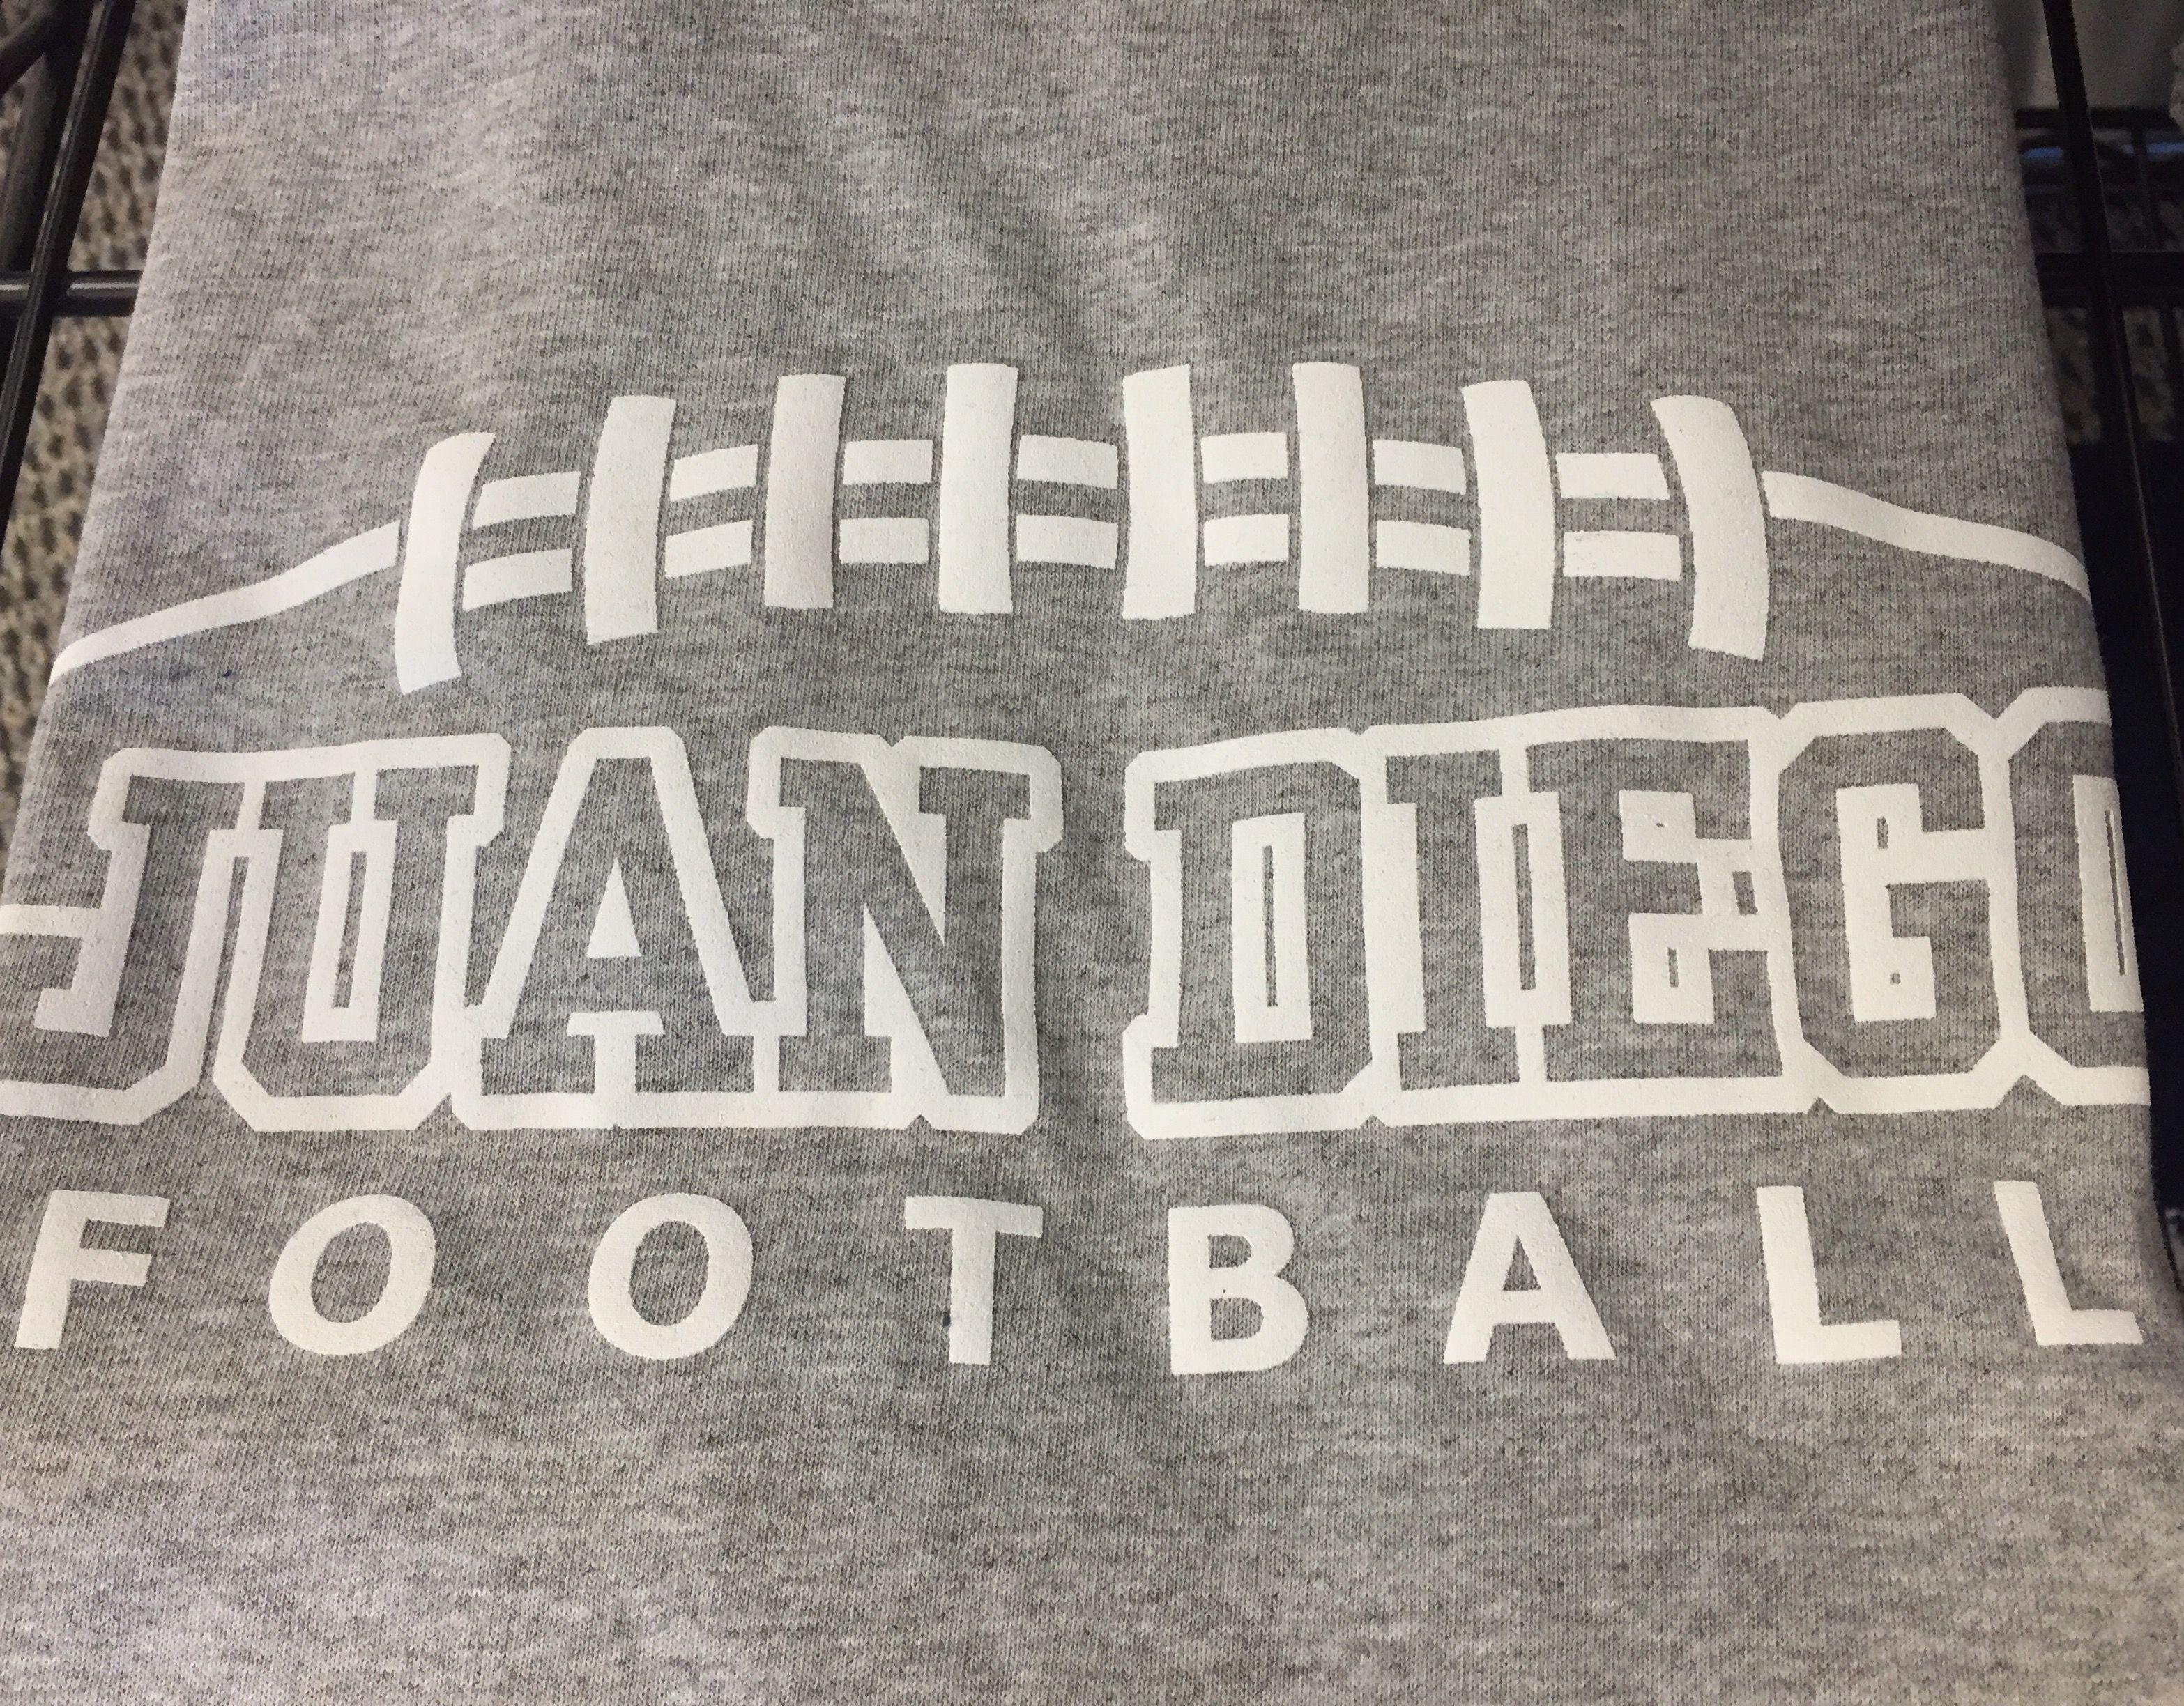 Shirt hoodie design - Football T Shirt And Hoodie Design Idea High School Football